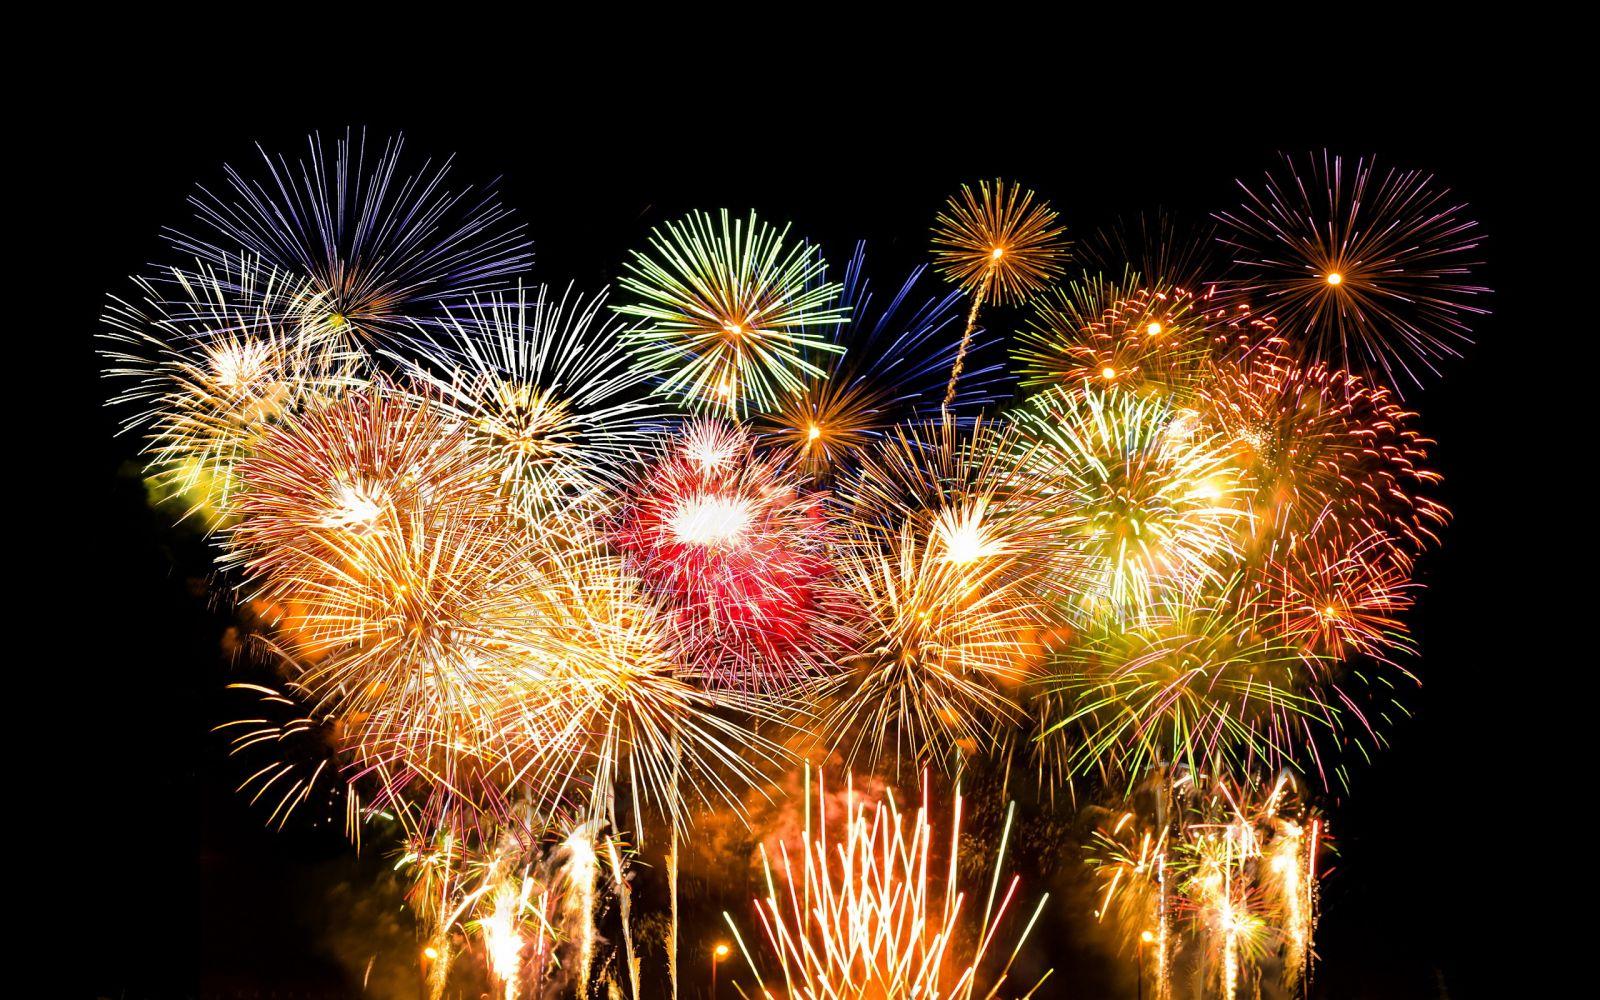 картинки на новый год 2016 год